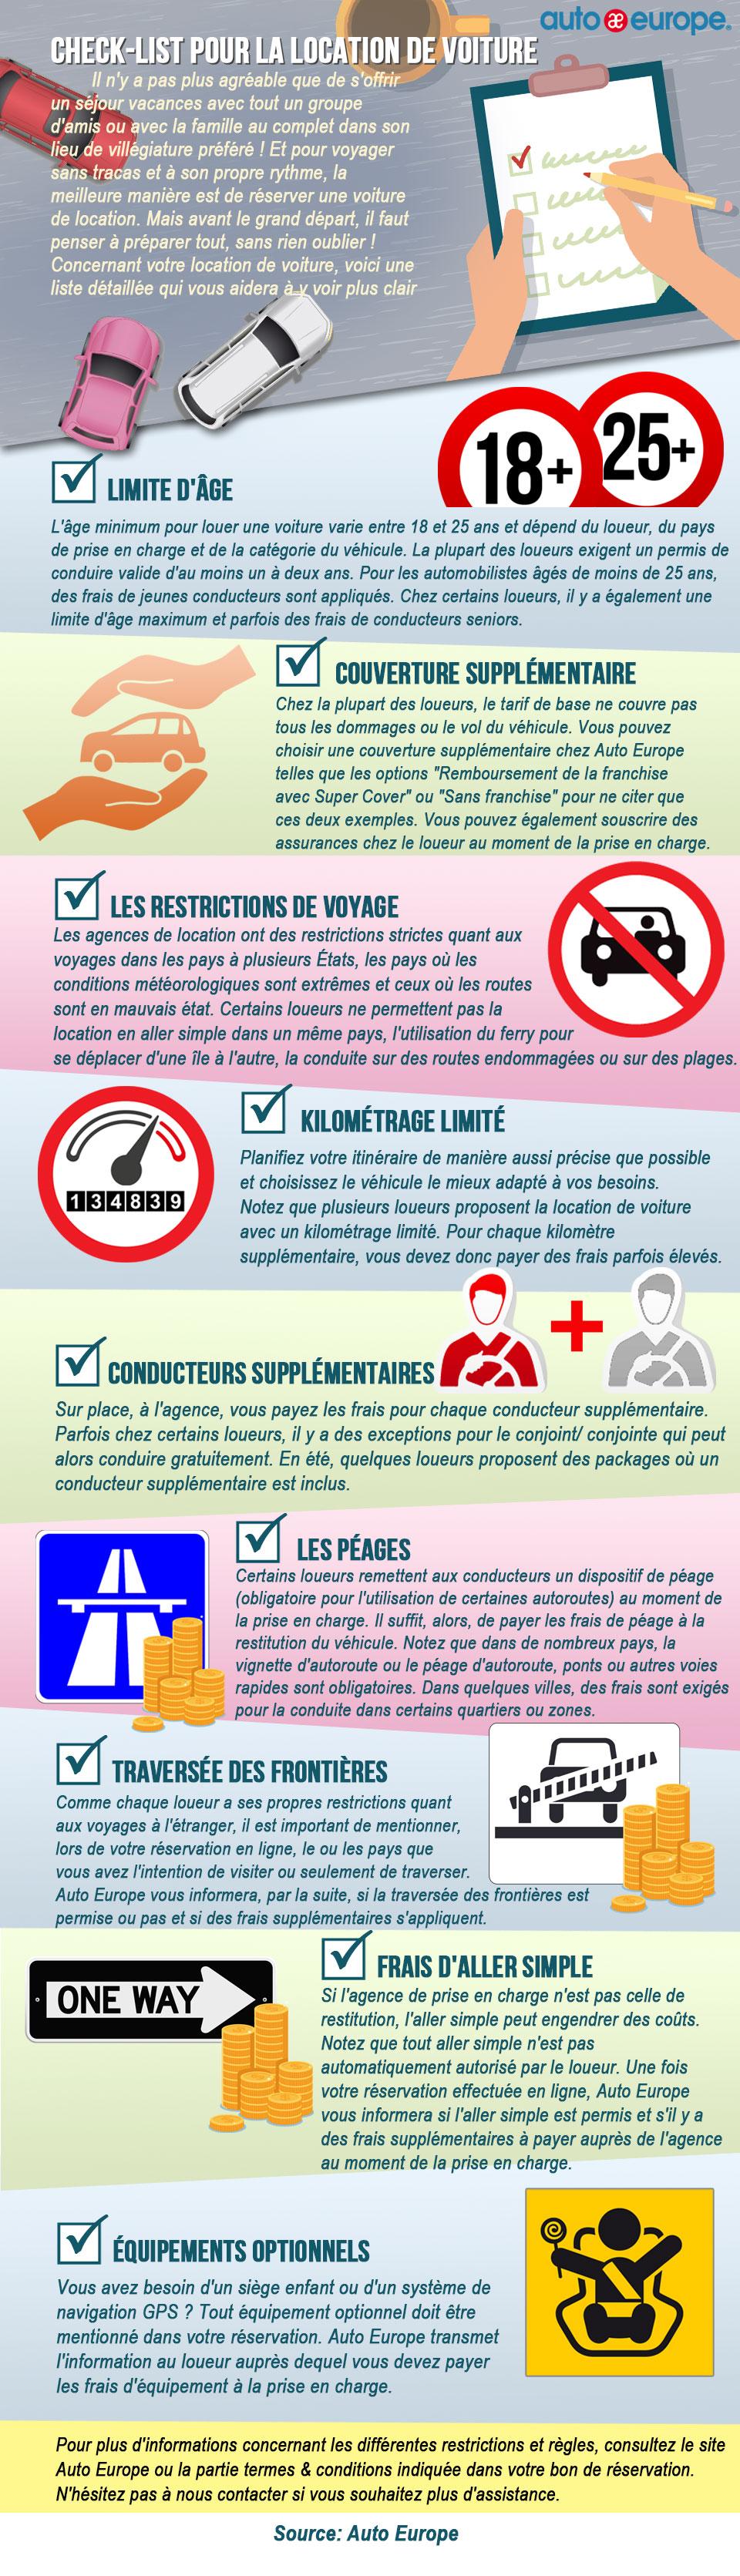 Check-list pour votre voiture de location | Infographie